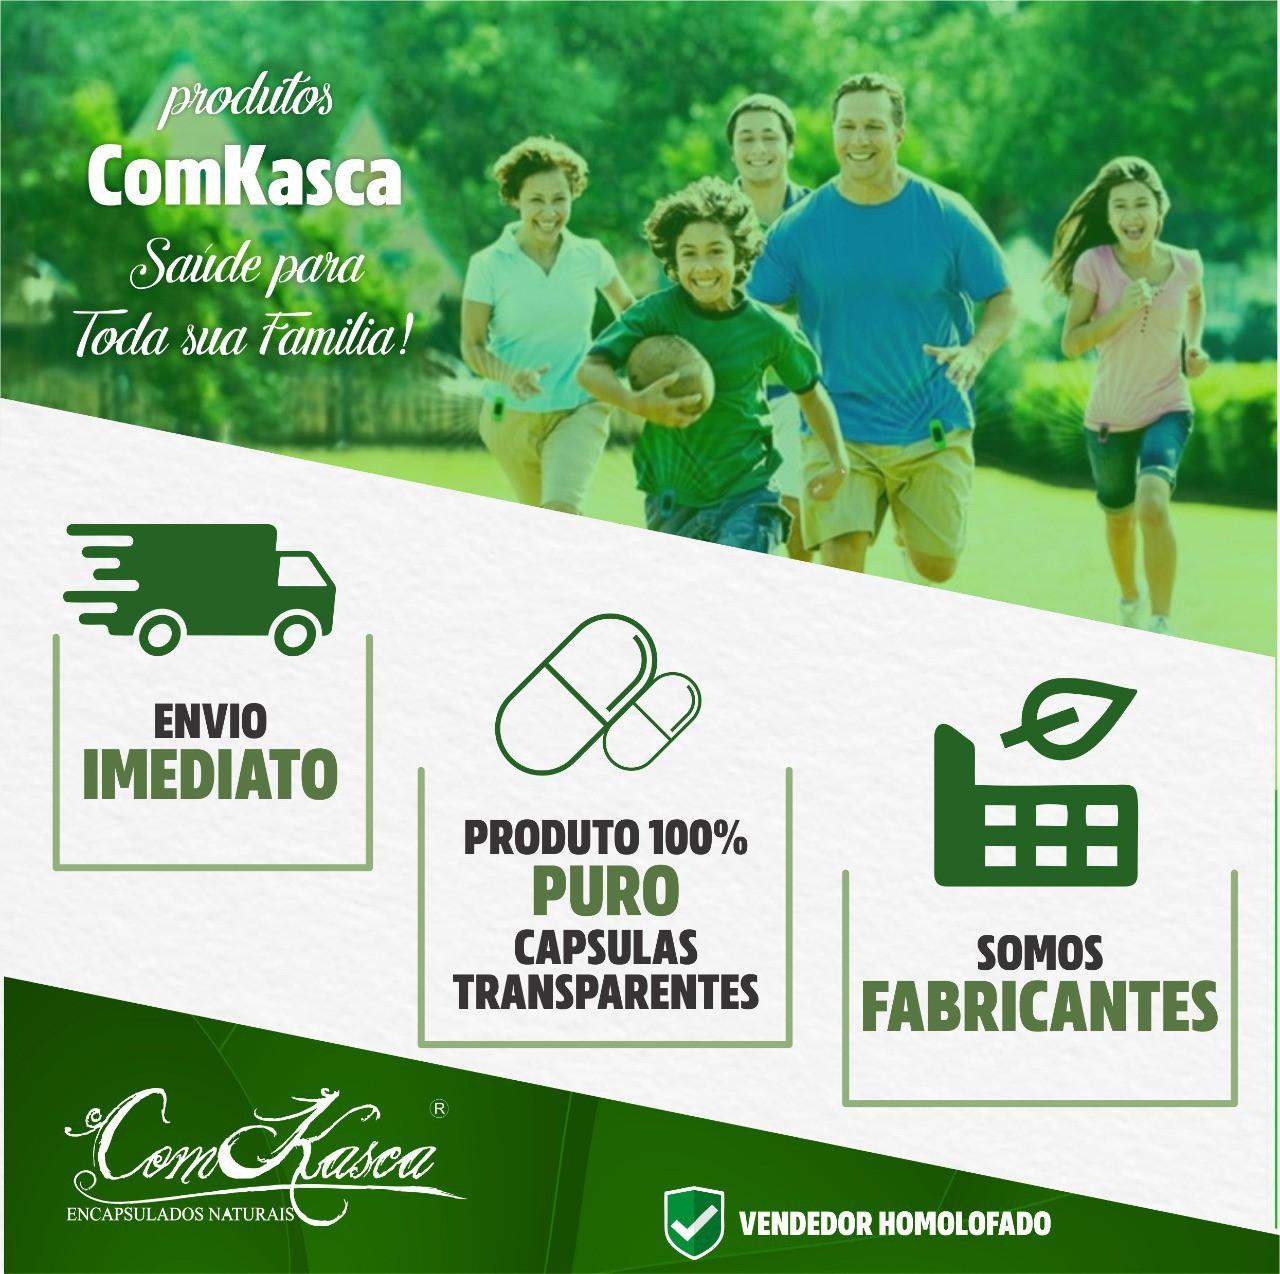 3 Frascos De Cacau Comkasca (100%natural)